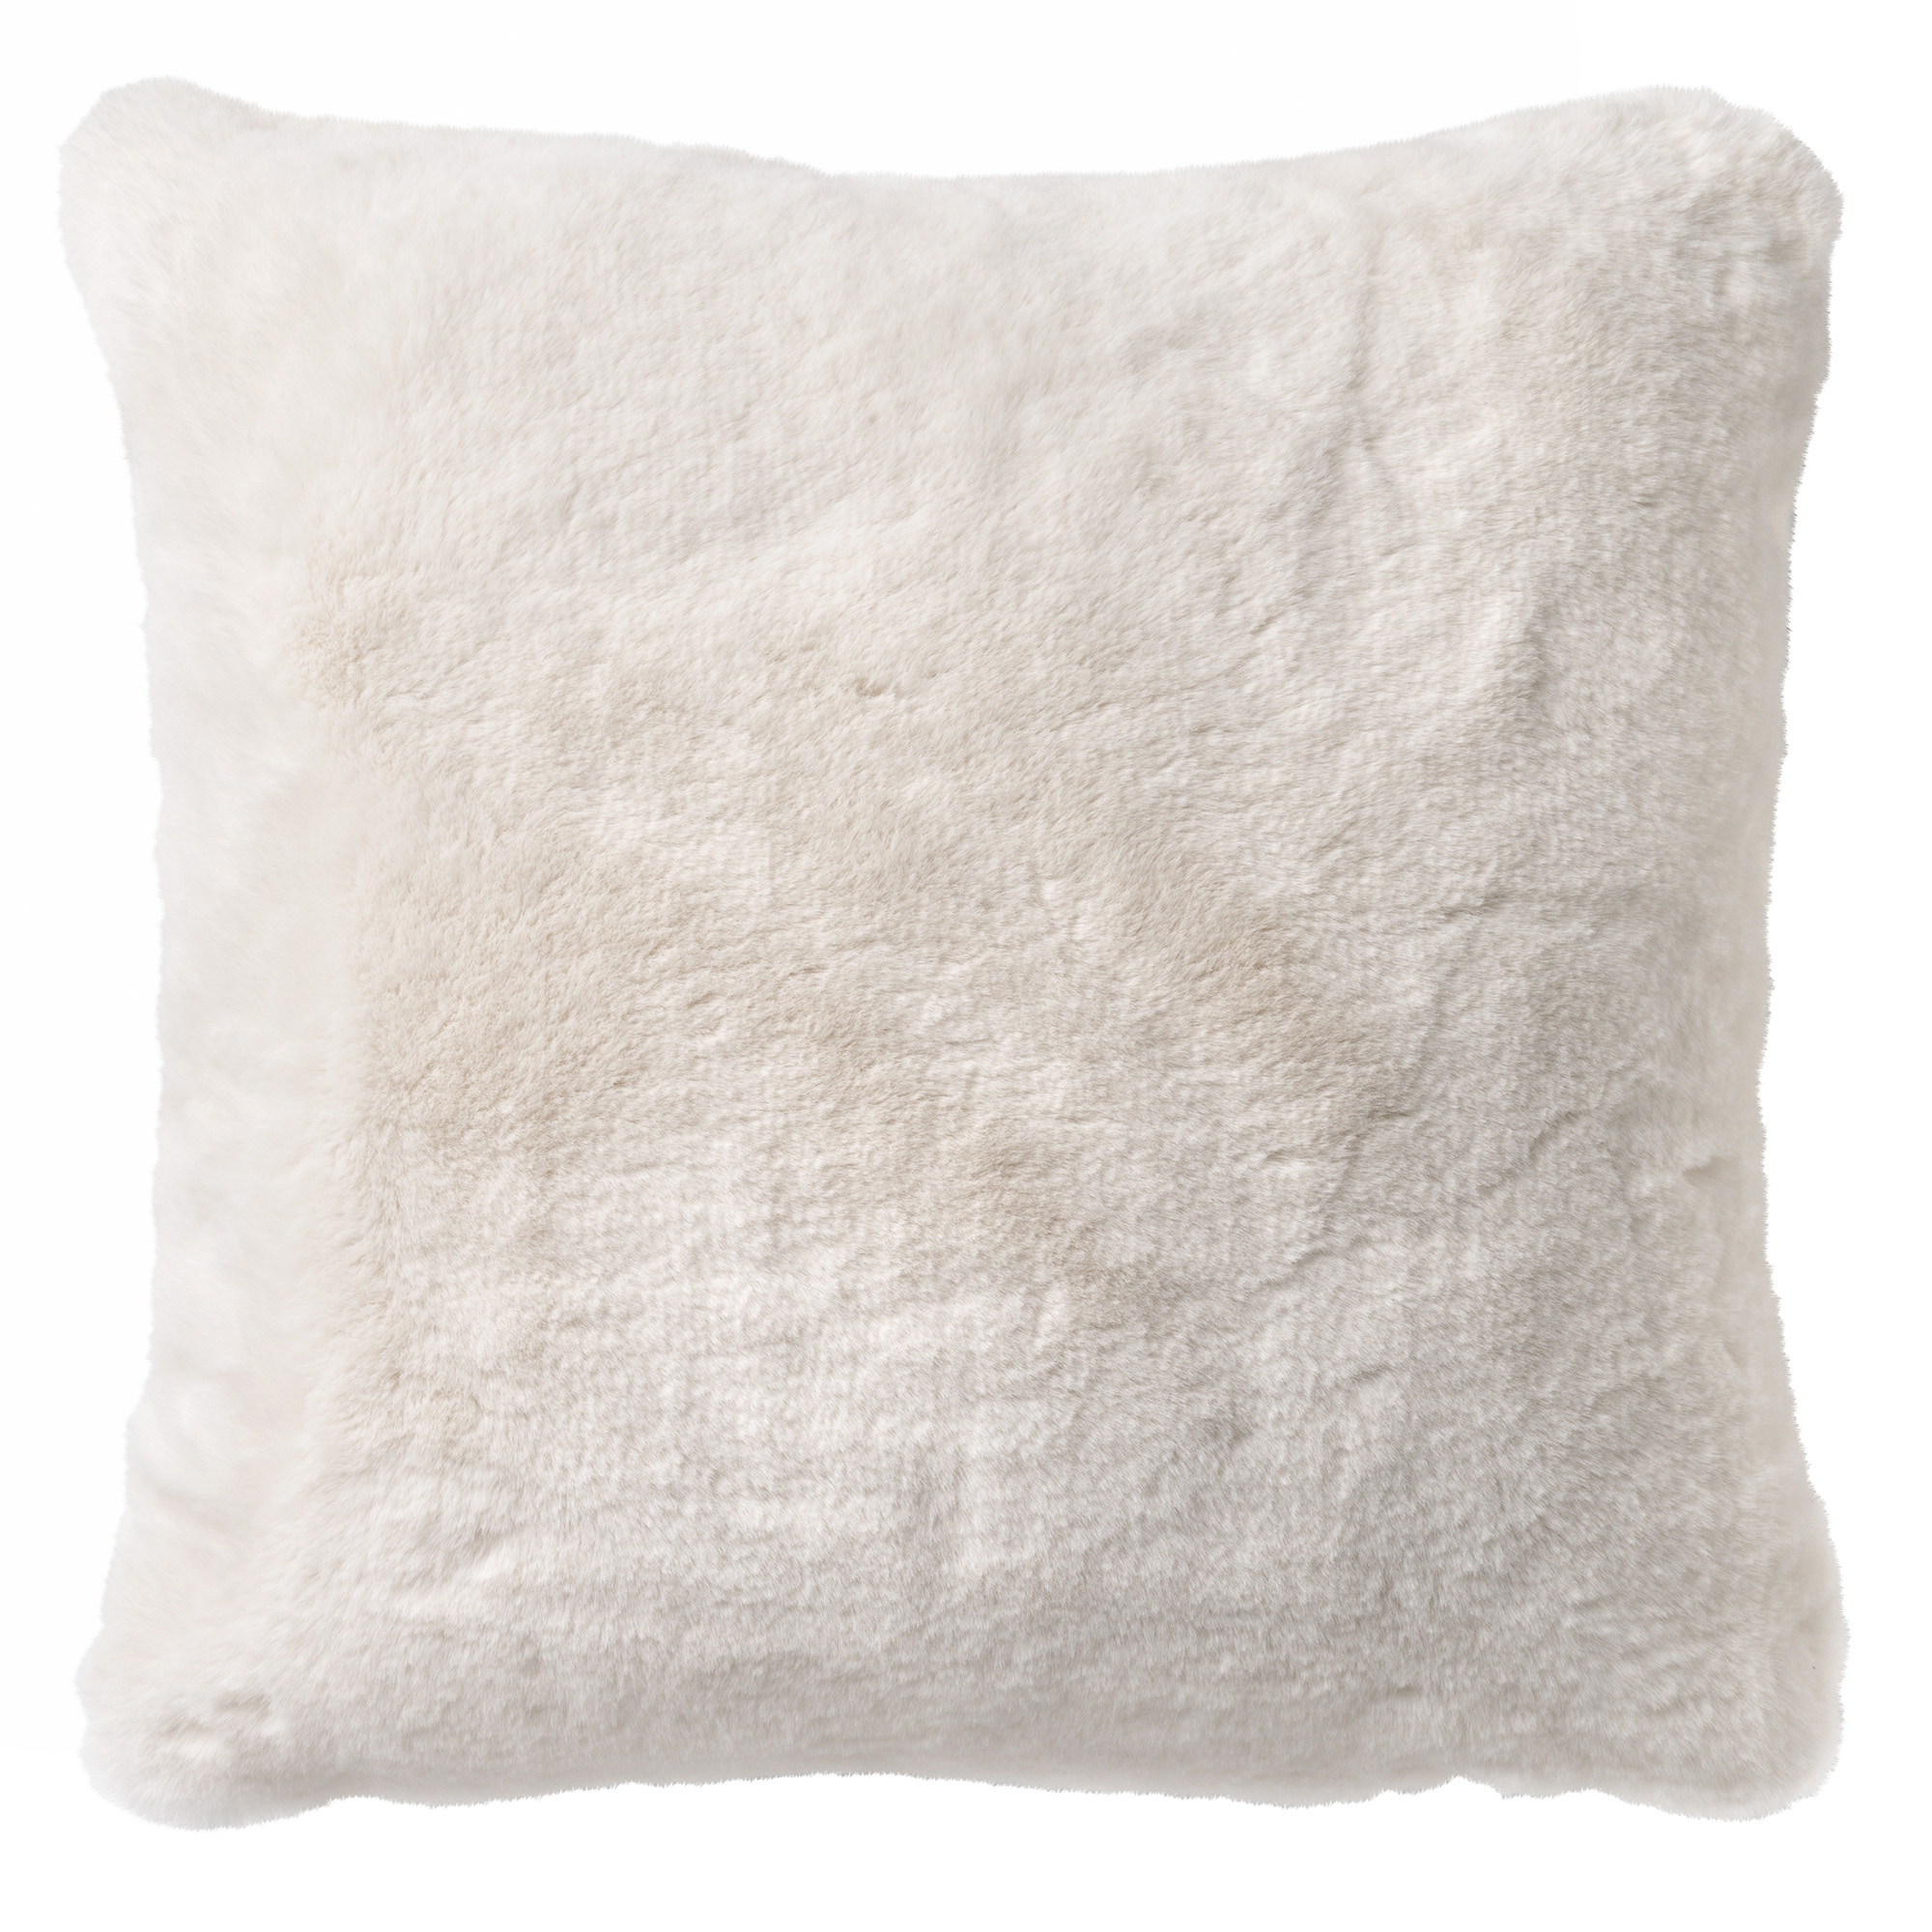 Housse de coussin avec imitation fourrure Blanc 45x45